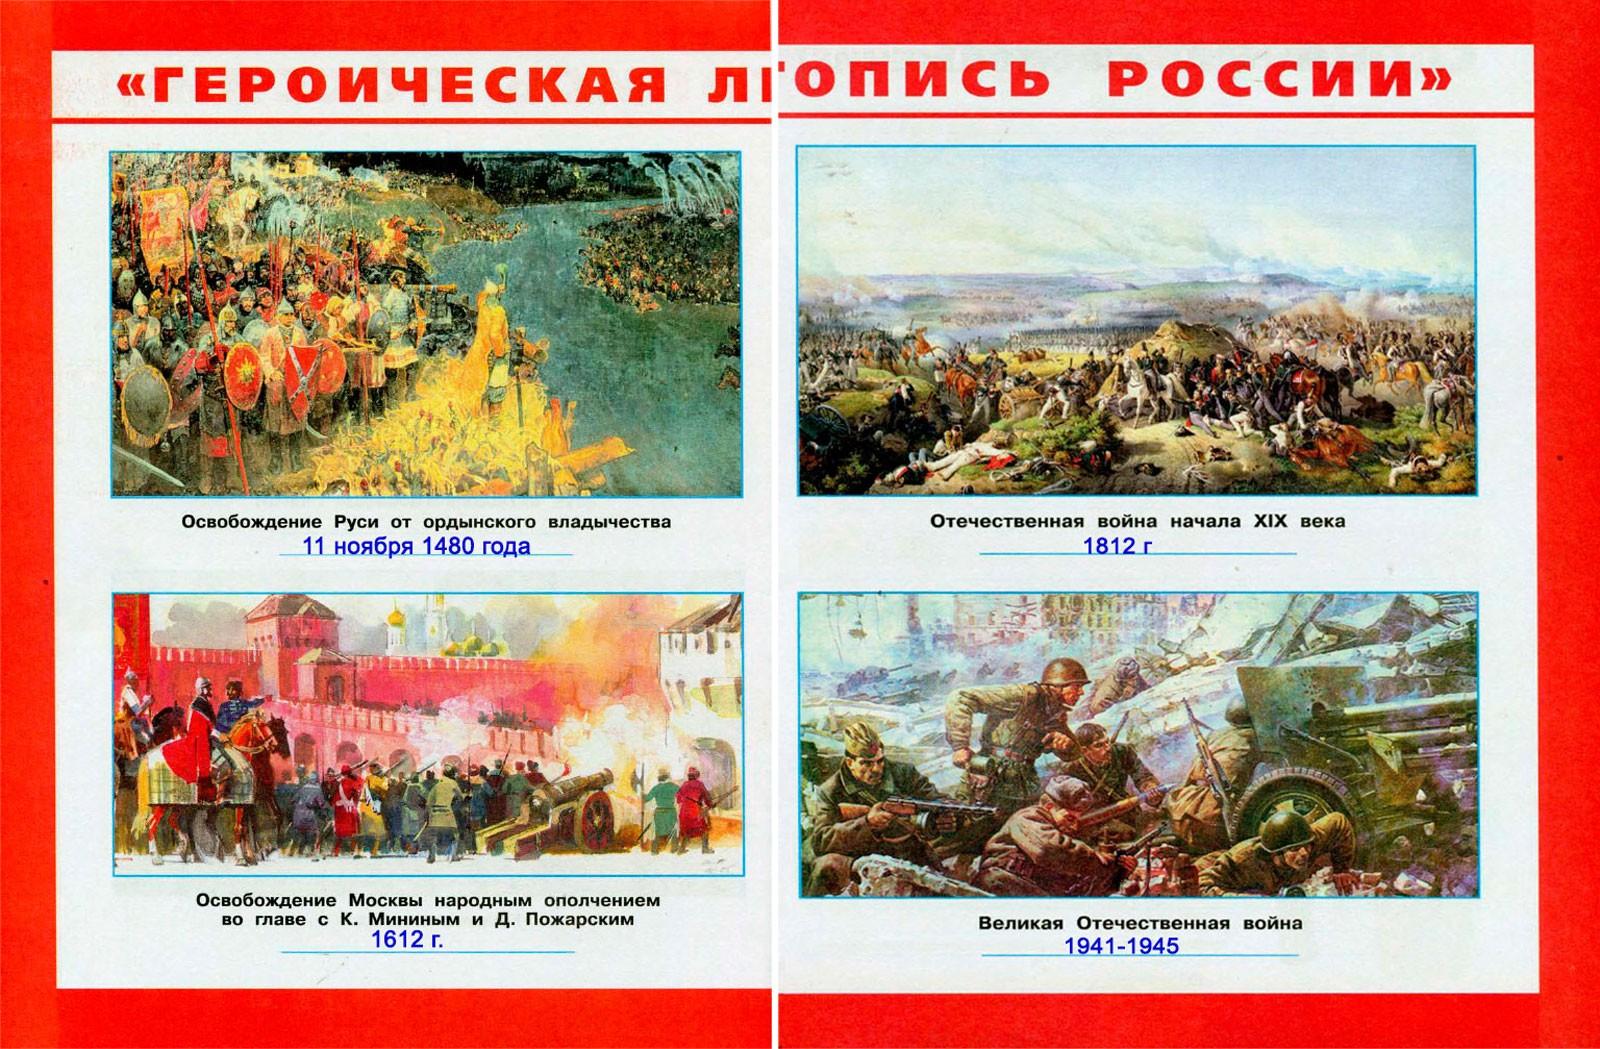 Работа с «Героической летописью России»